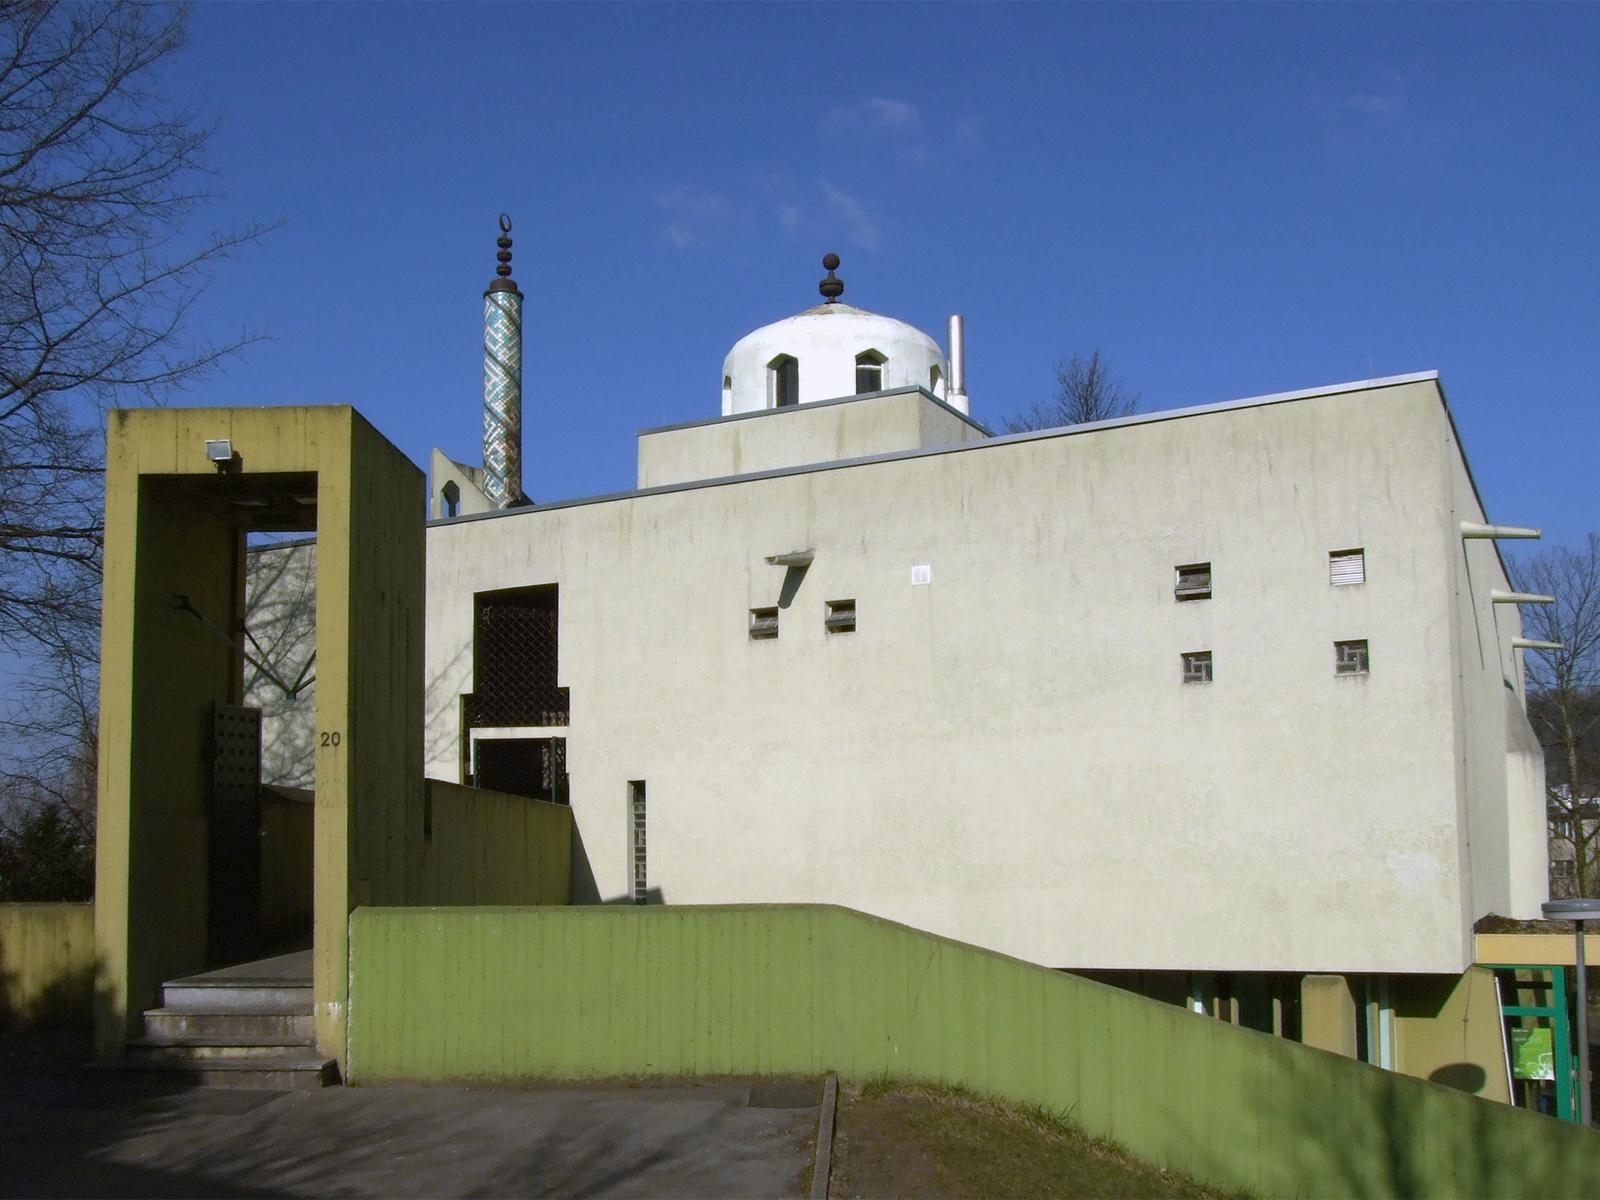 Mosquée Bilal à Aix-la-Chapelle (Allemagne) sur Wikimedia